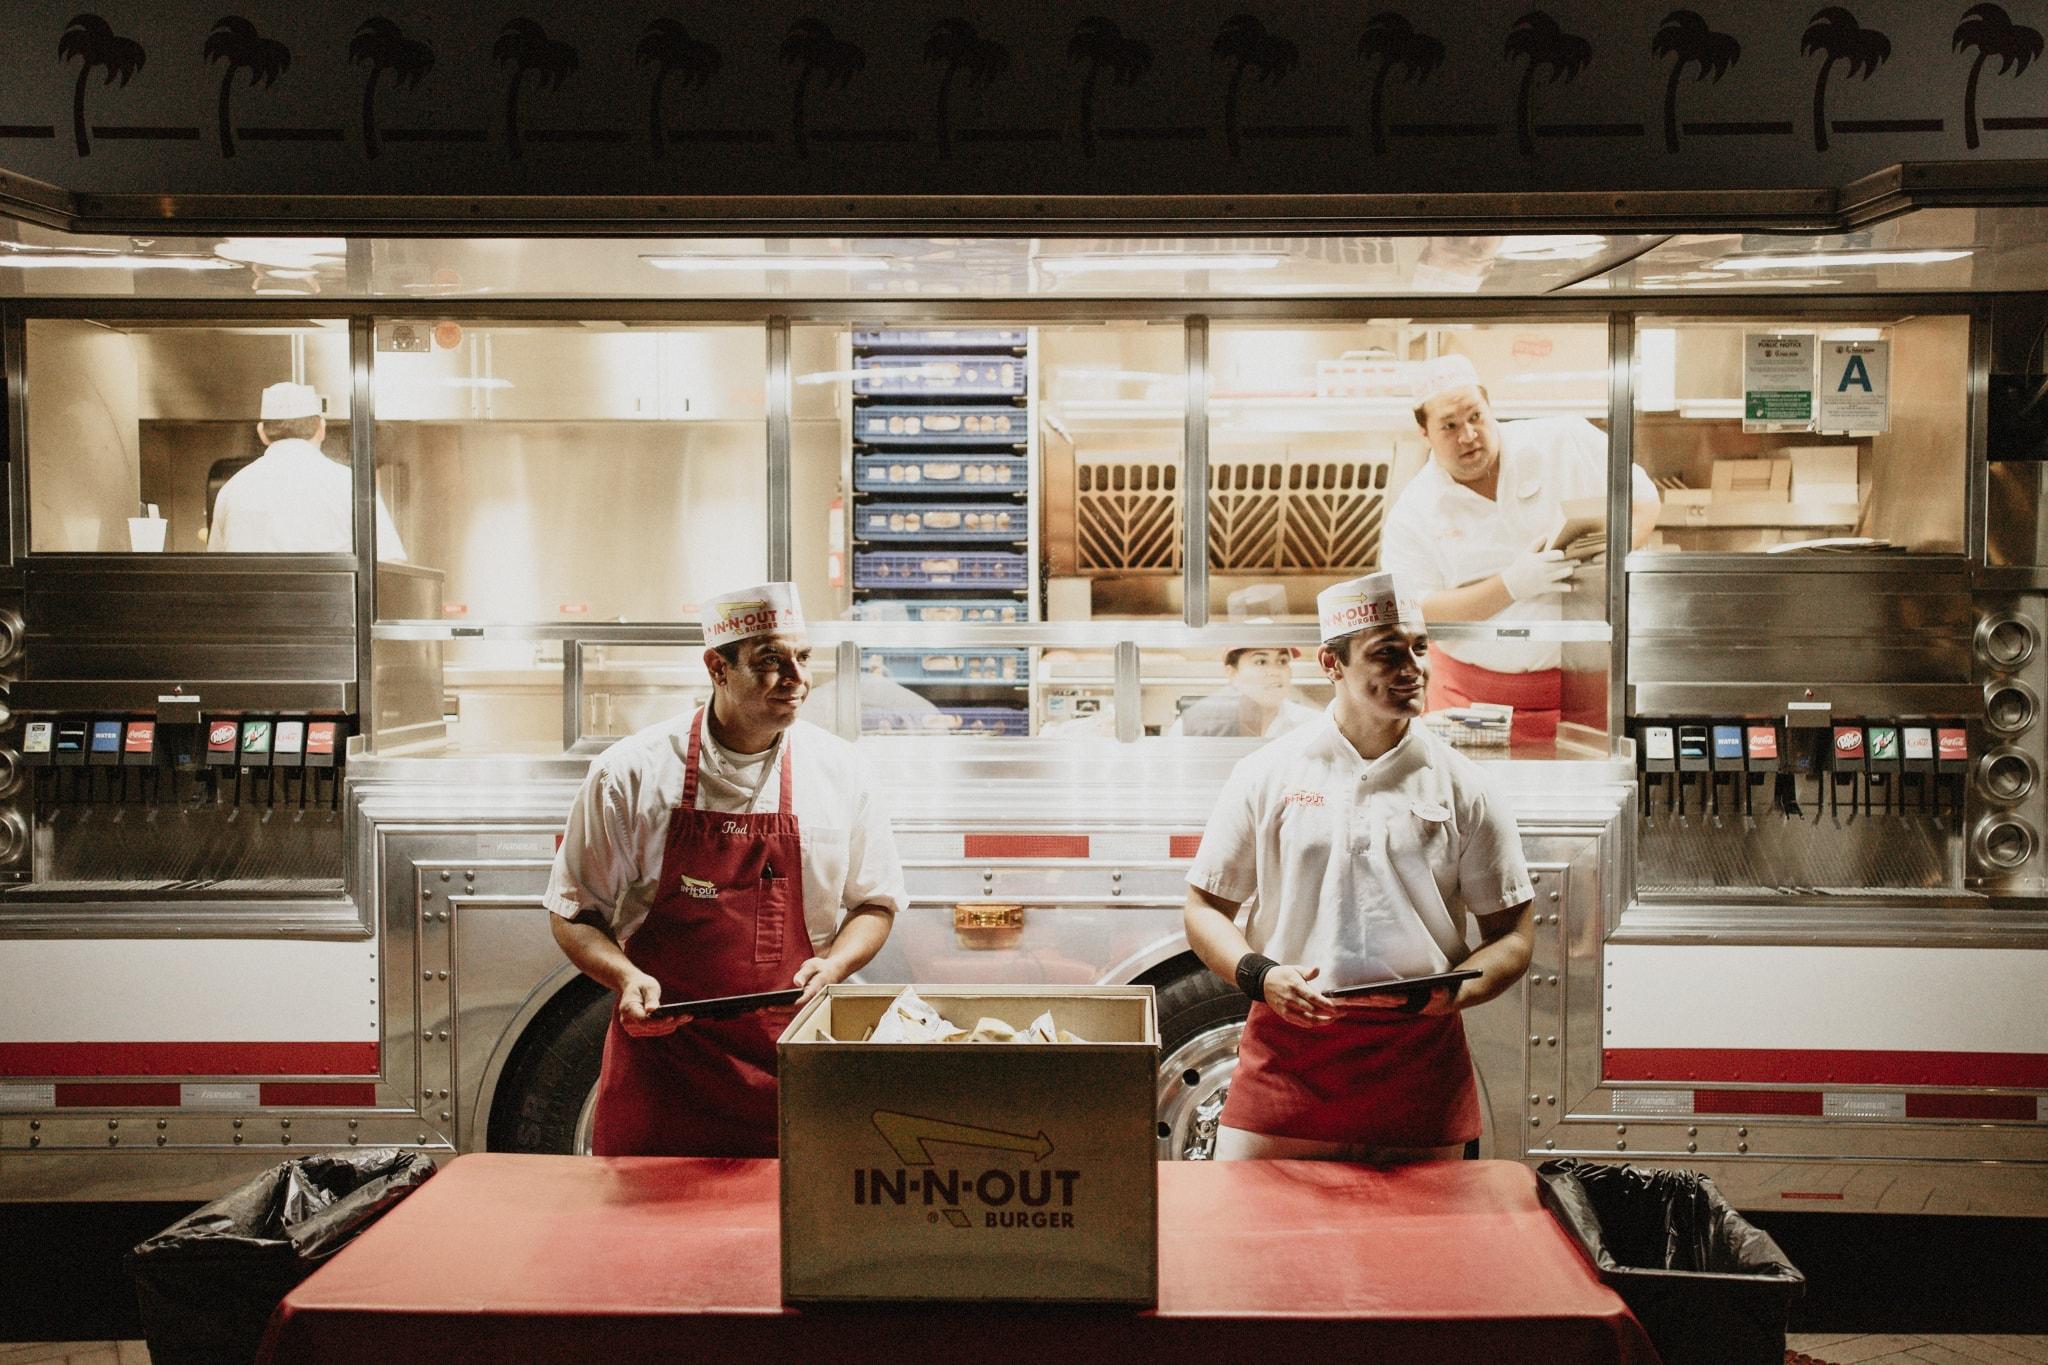 082-in-n-out-food-truck.jpg